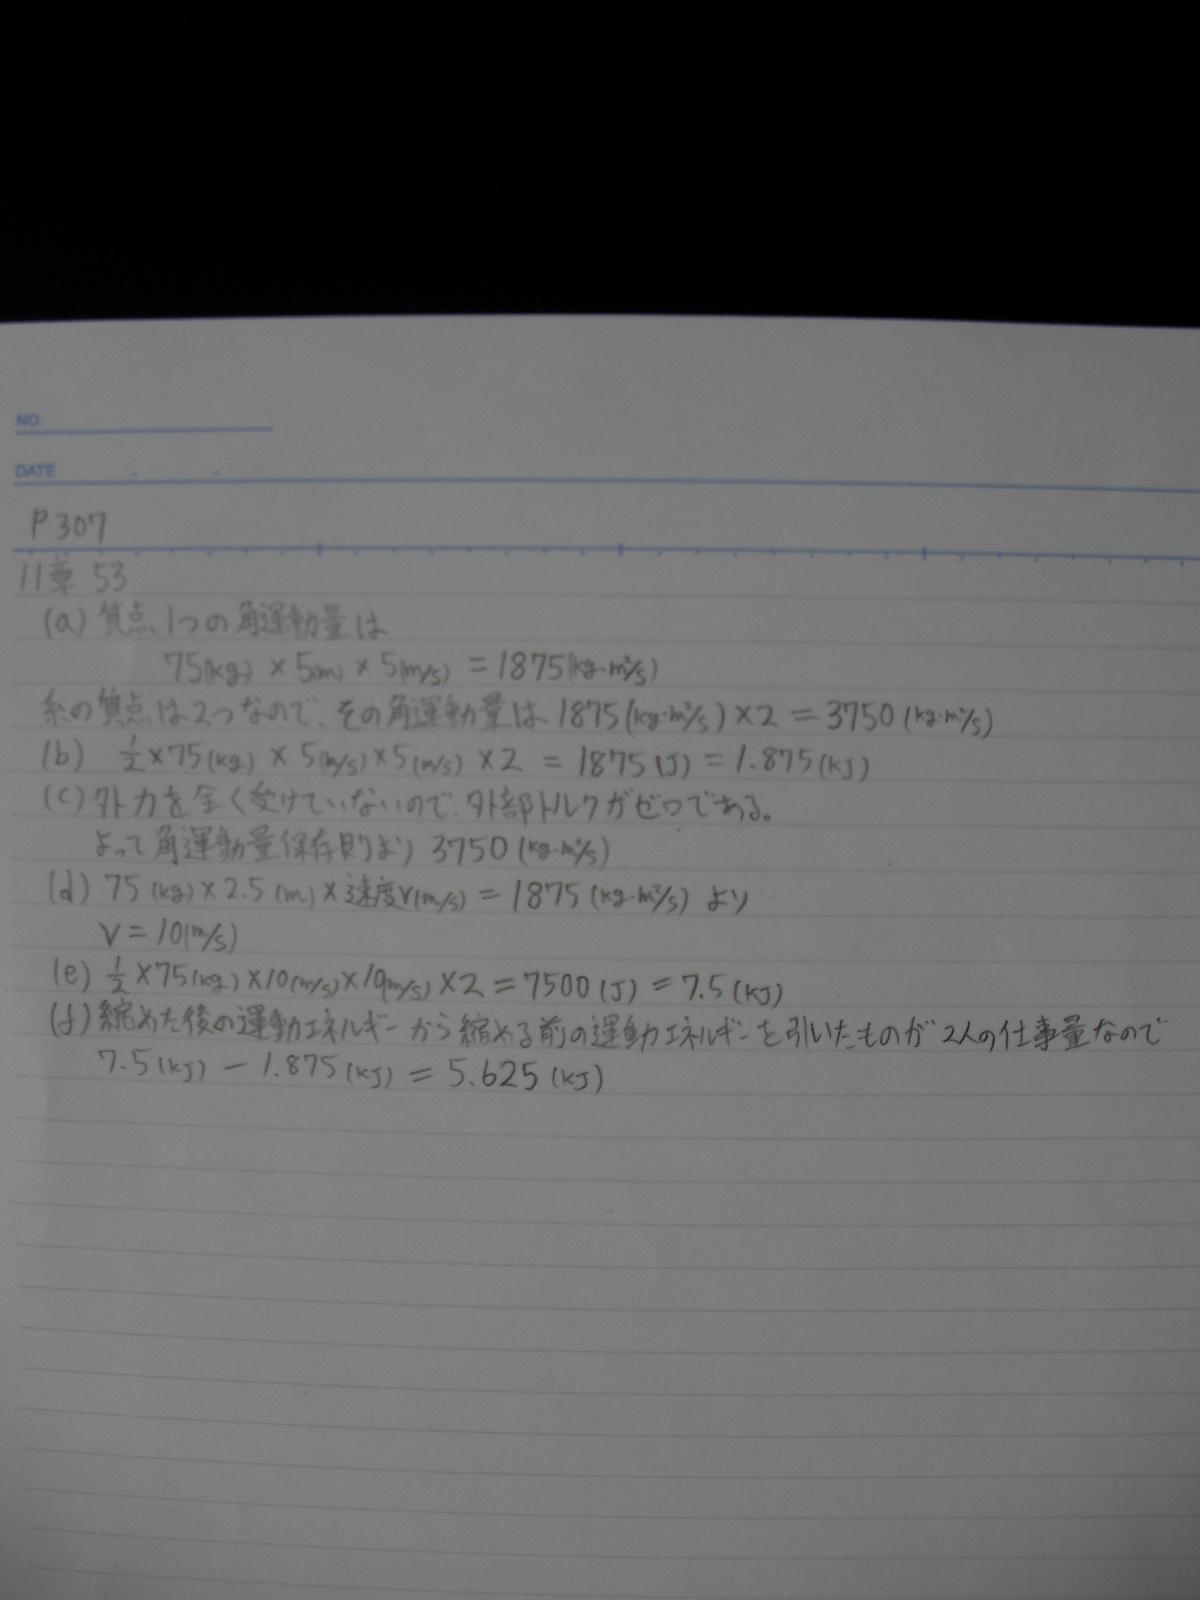 11_53.jpg